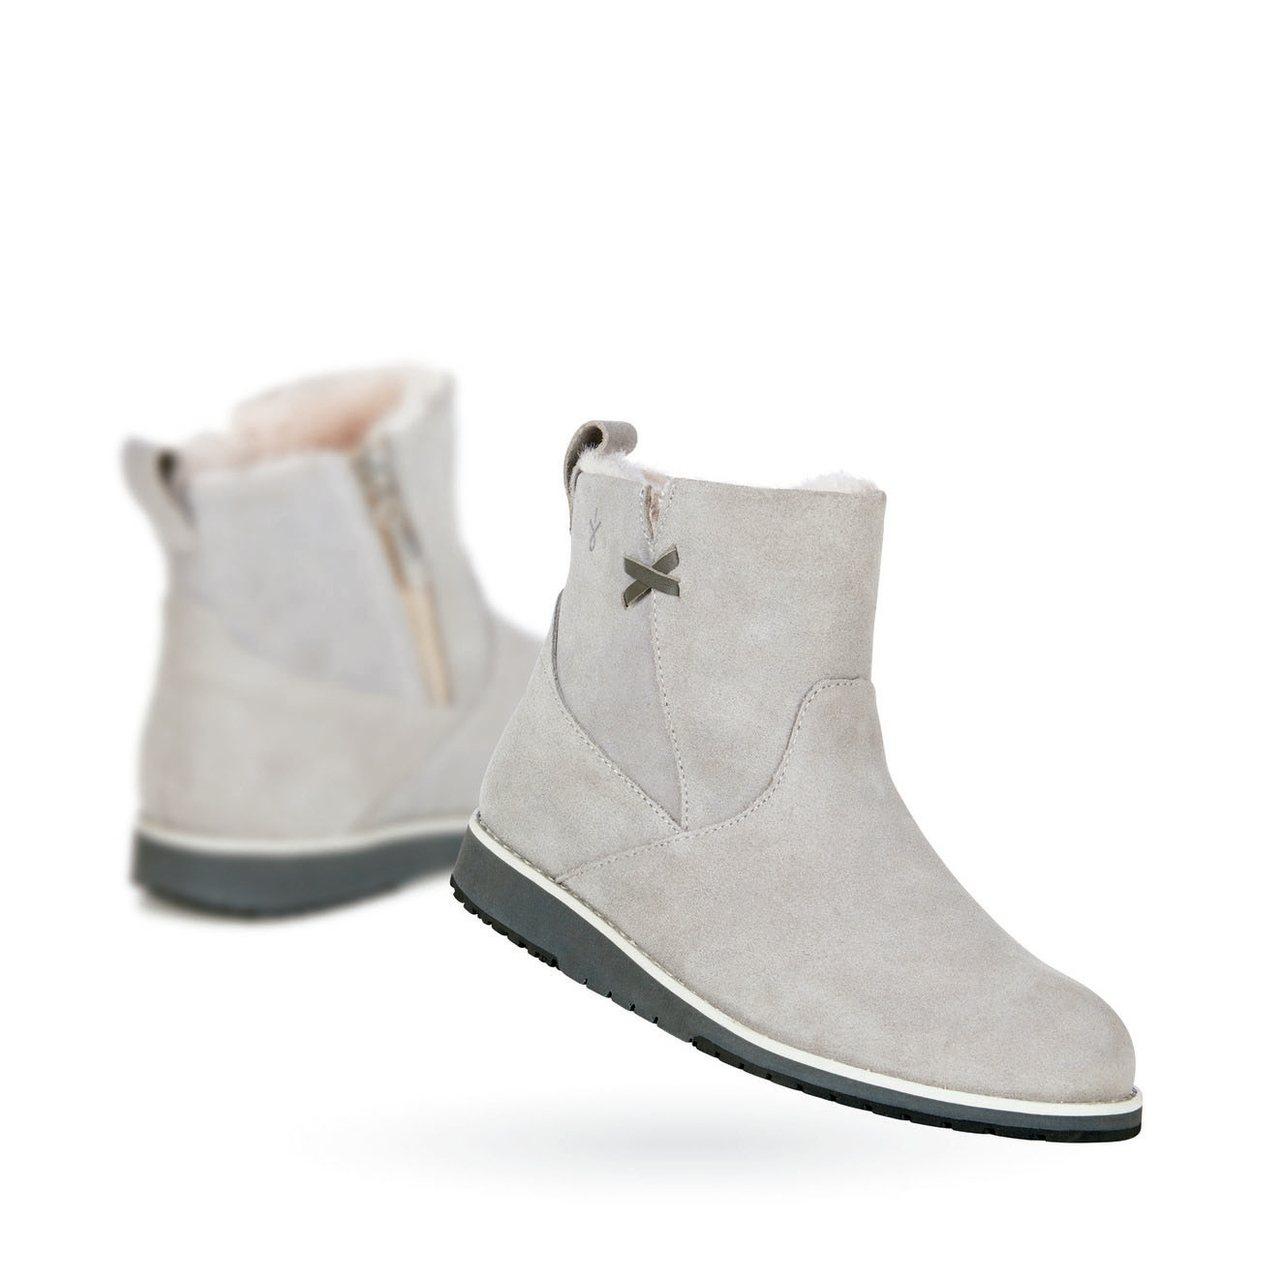 英國凱特王妃也愛穿的澳洲雪靴品牌EMU,品牌最人氣的防水系列本季除了維持一貫的長...